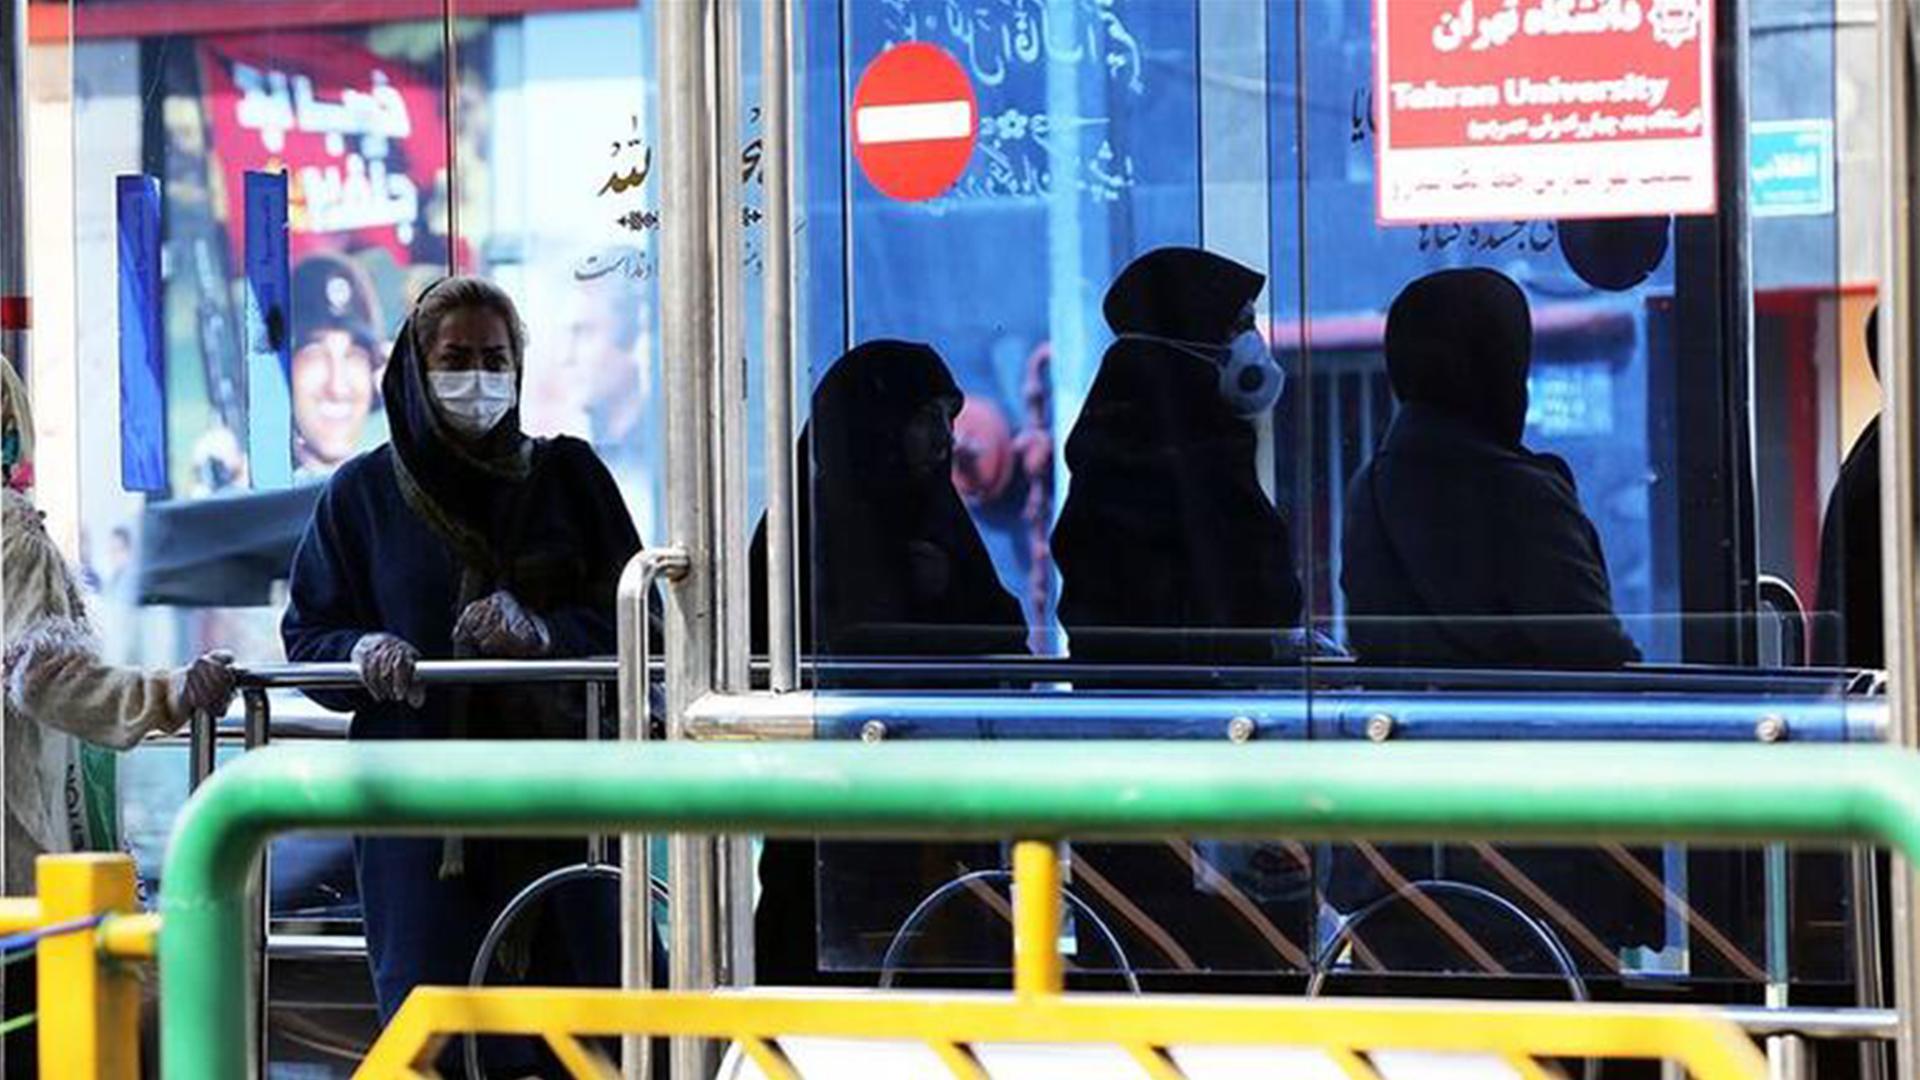 İran'da 17 eyalete seyahatler yasaklandı